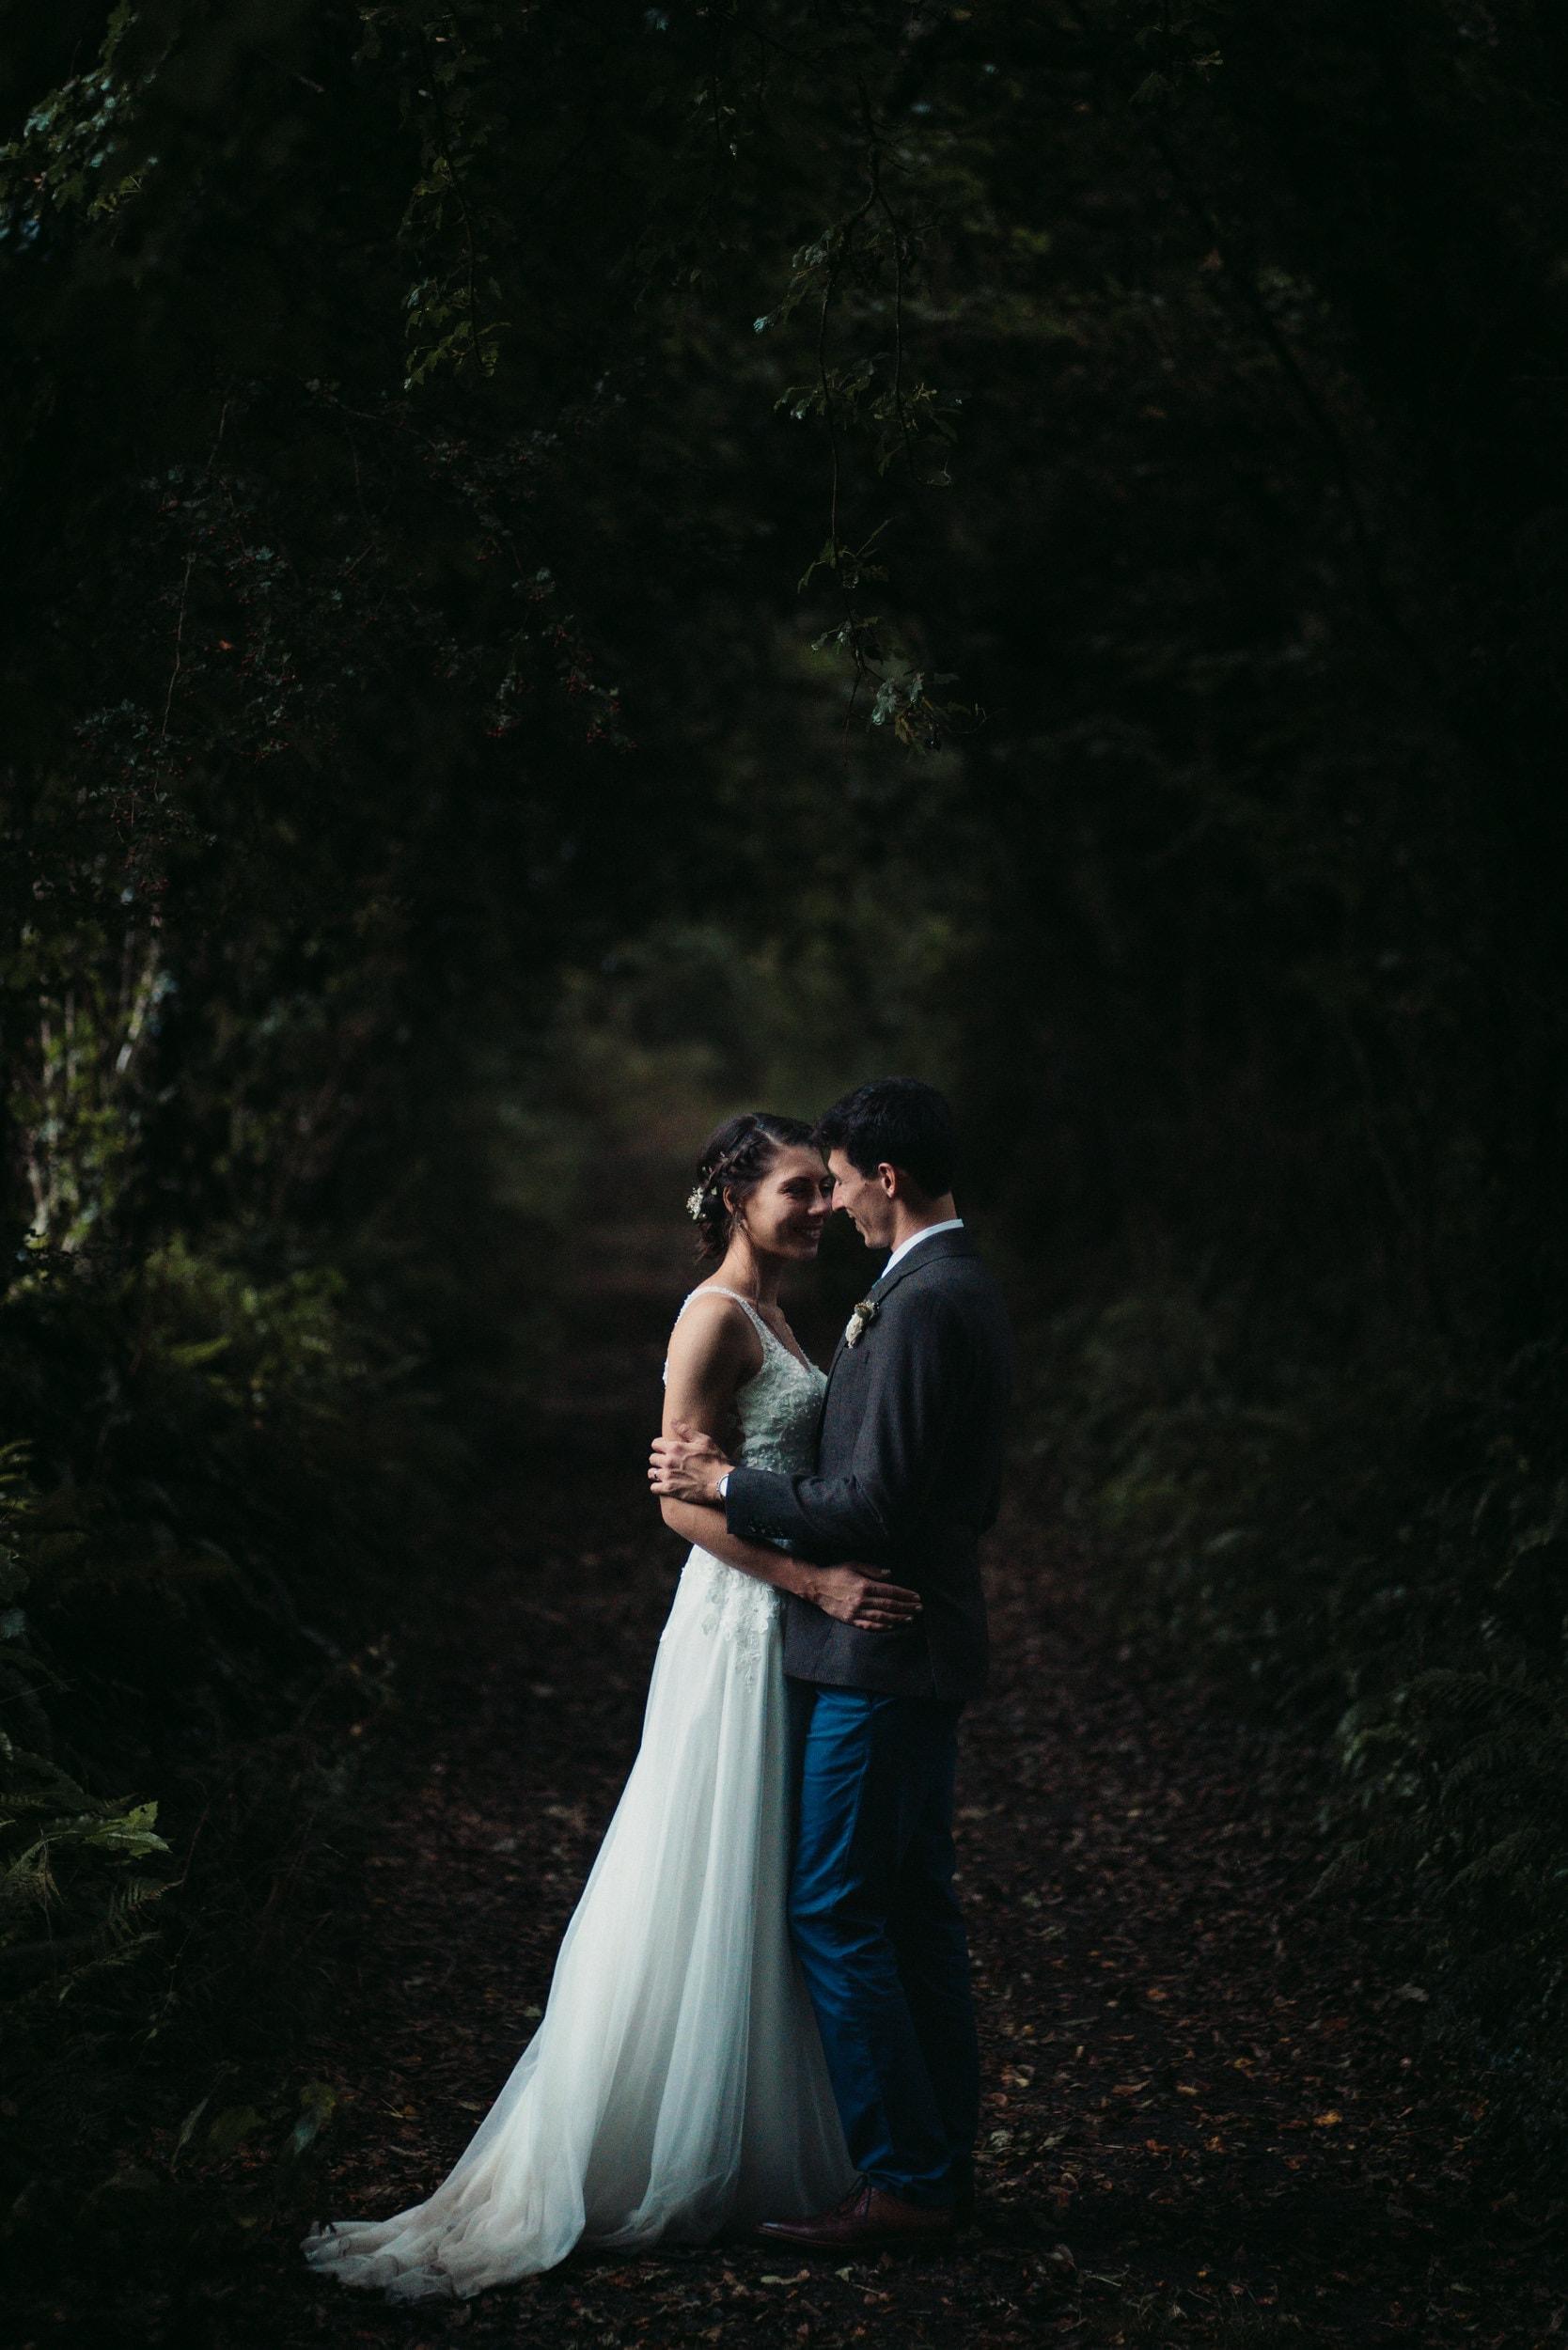 bride and groom in wooded alleyway